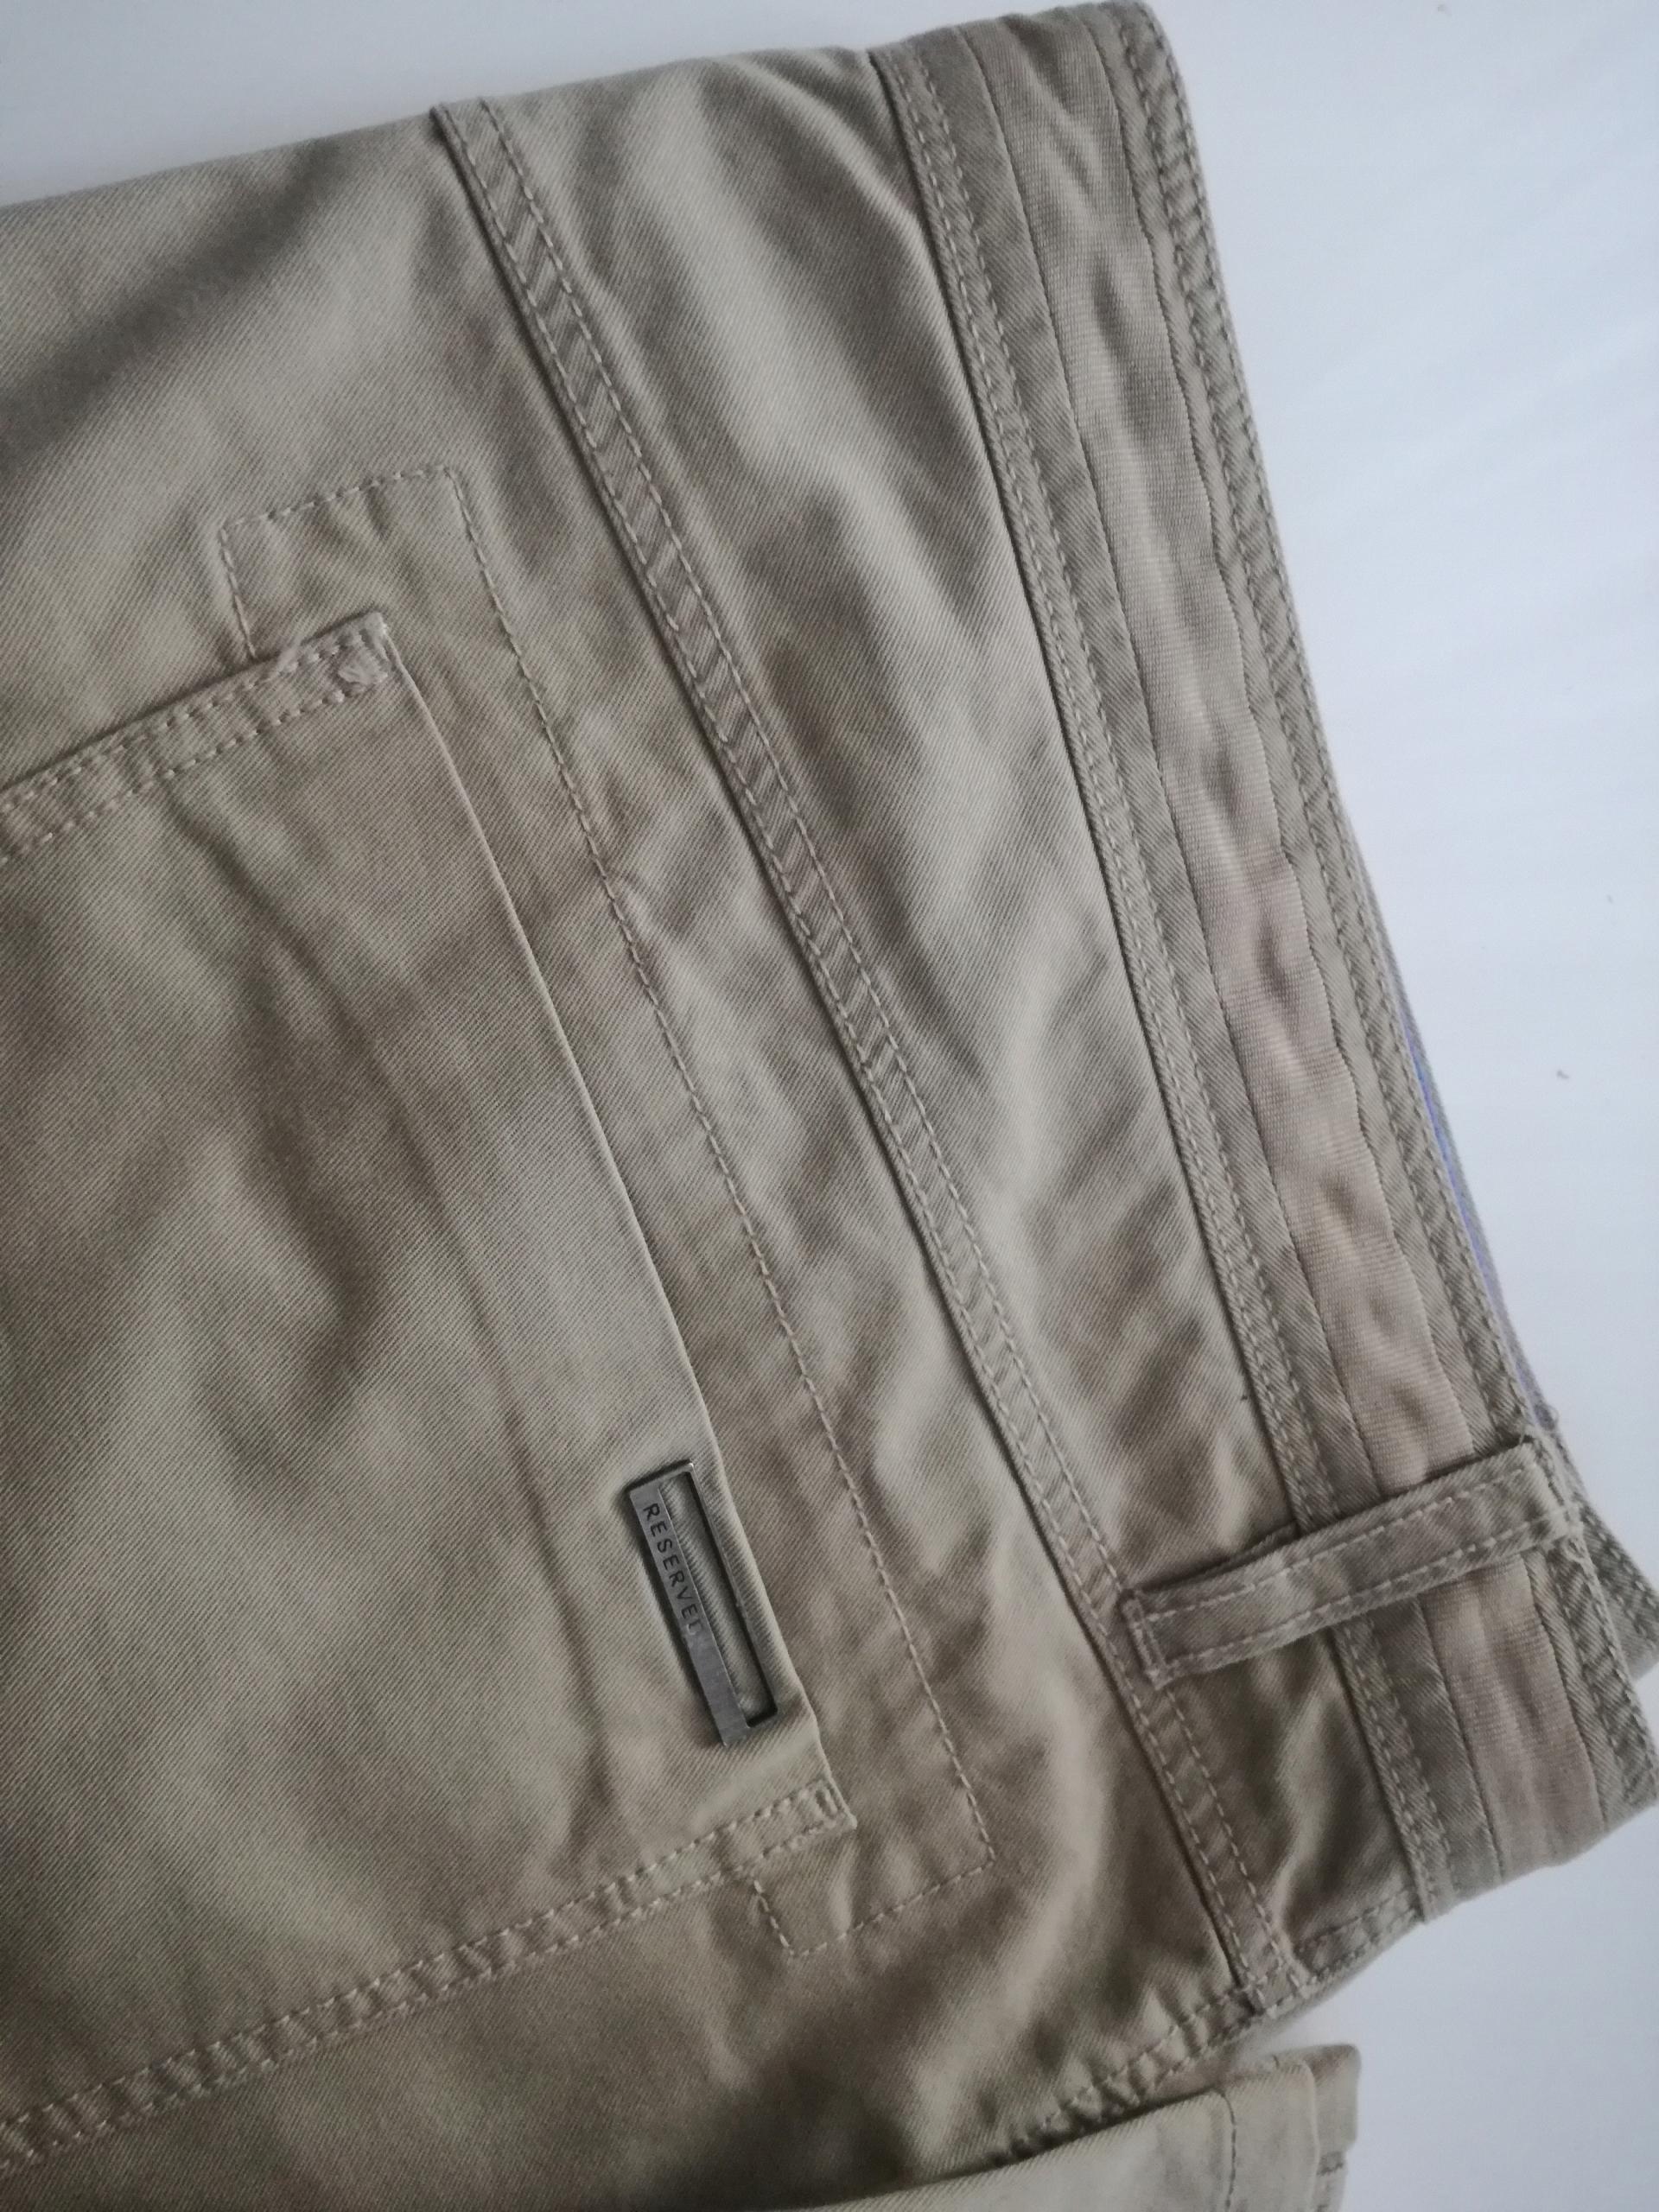 Spodnie męskie RESERVED beżowe slim fit rozm. 54